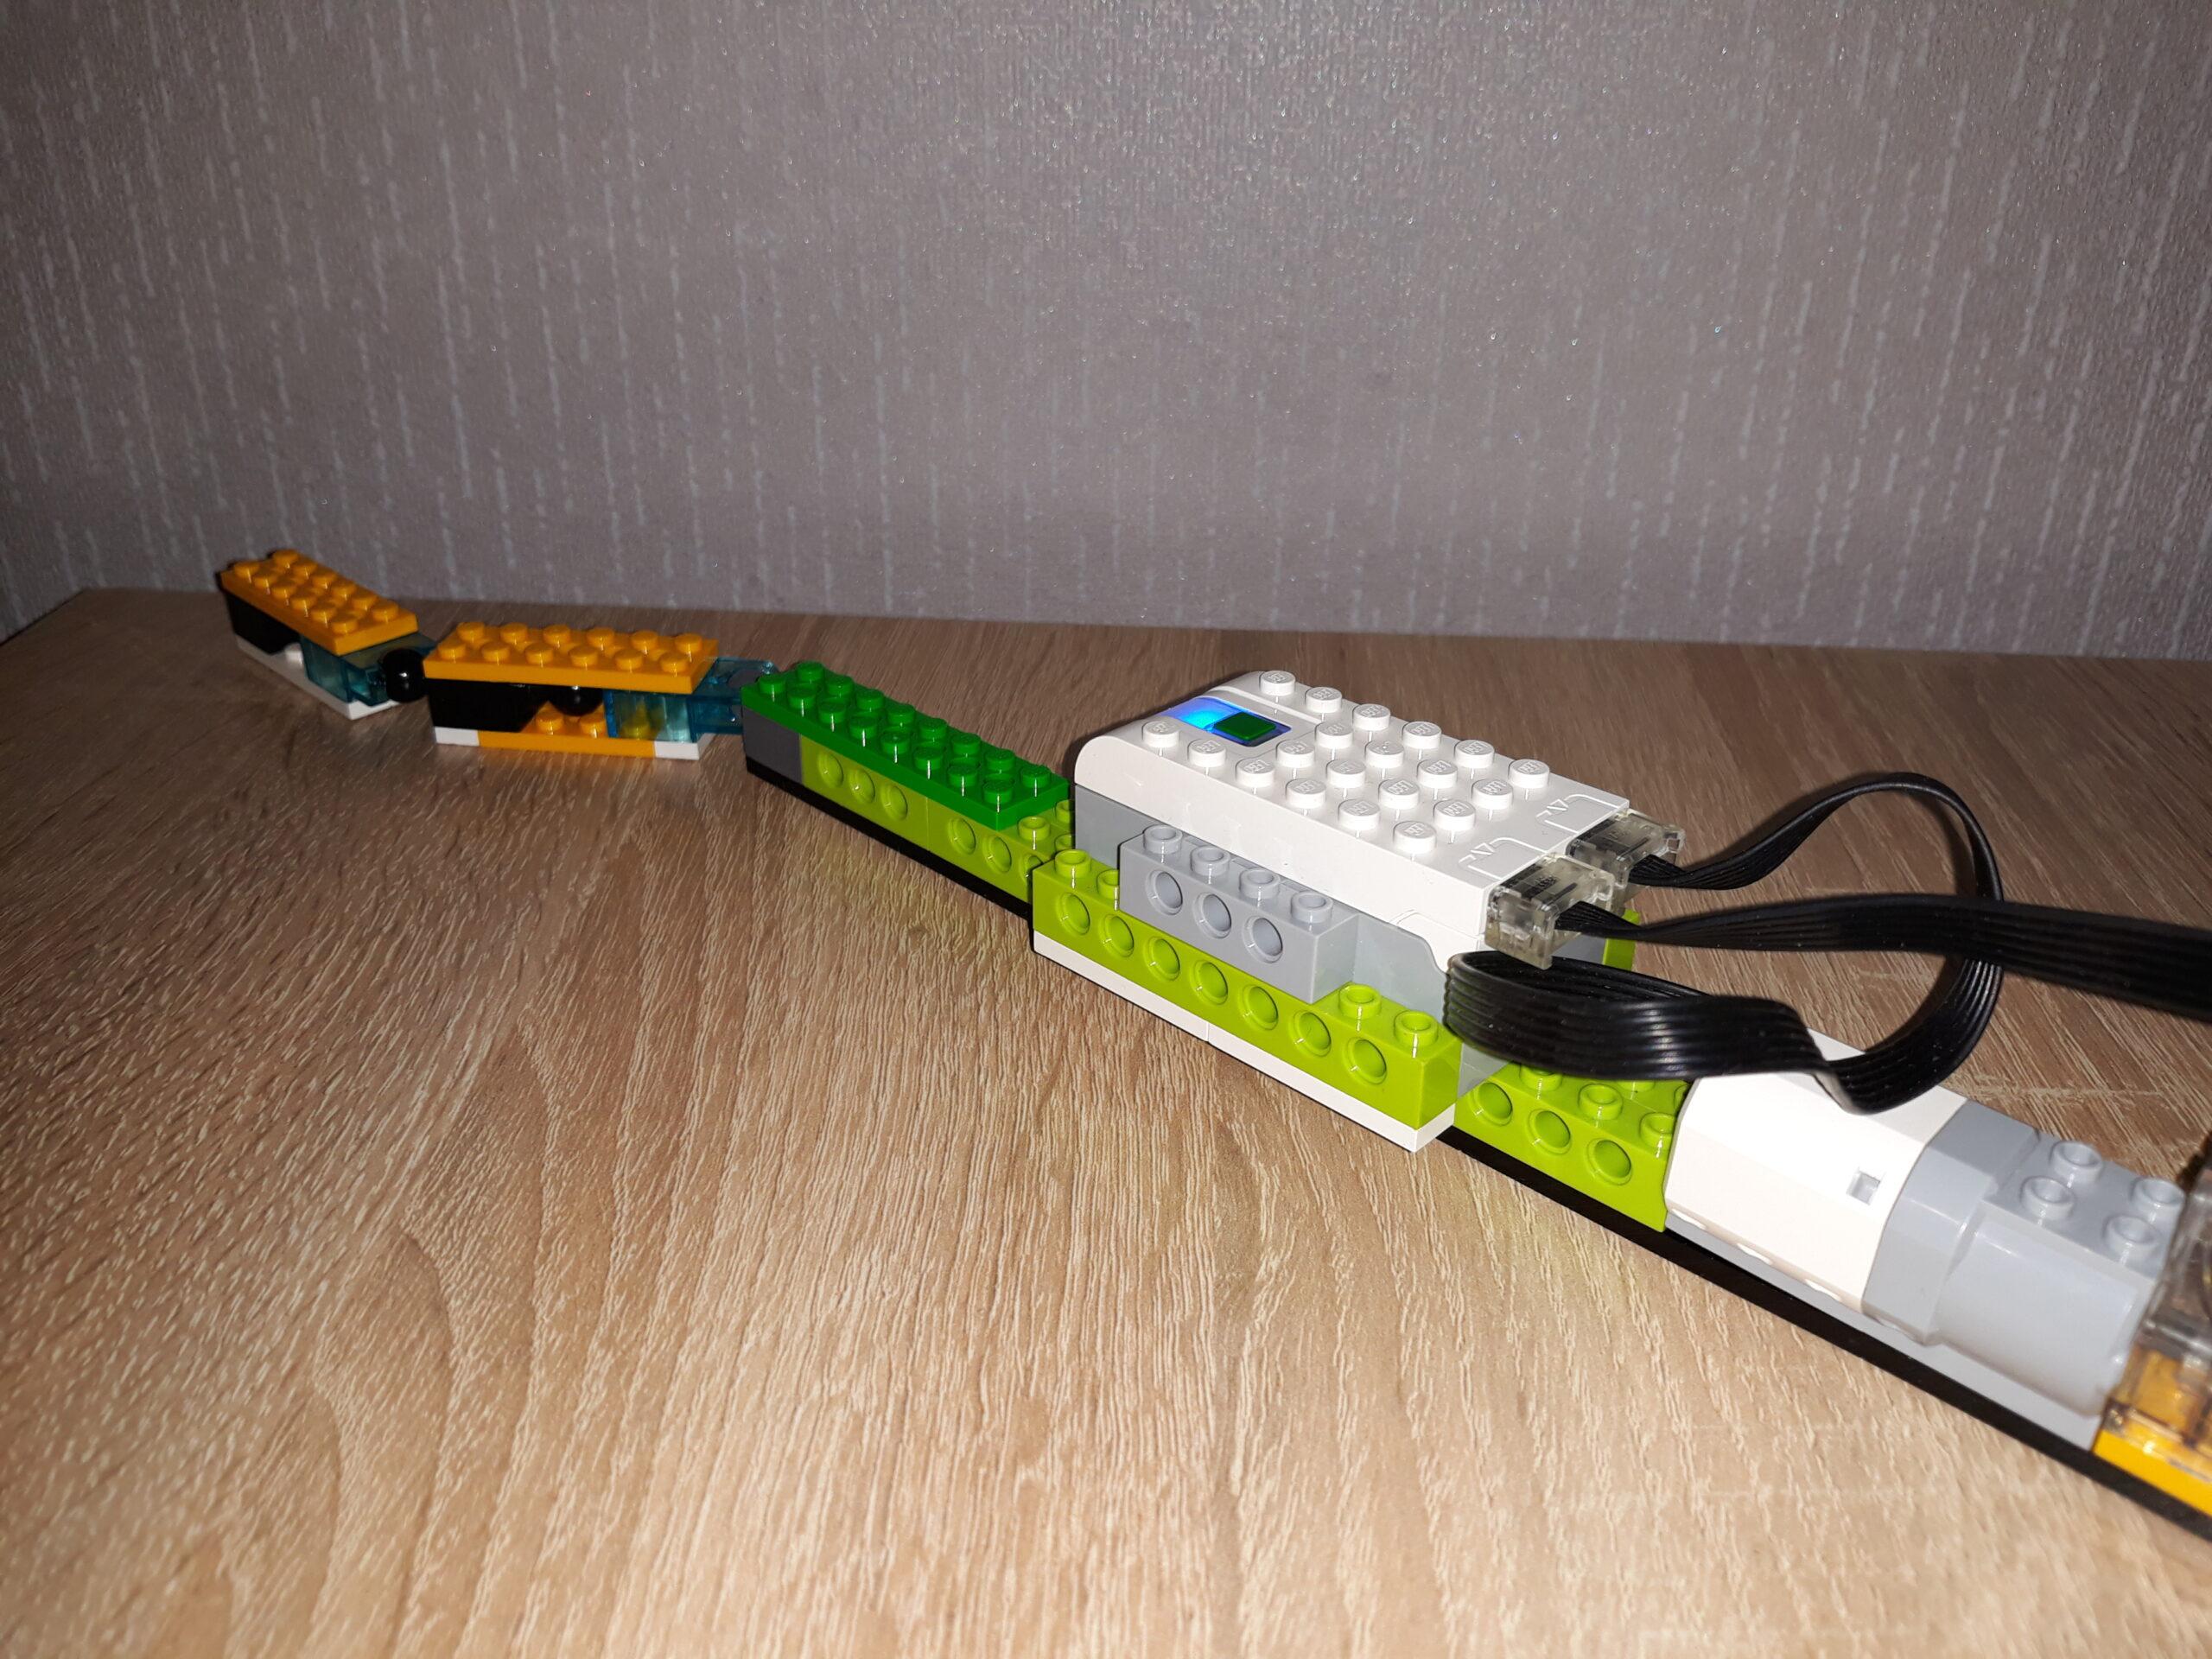 Пошаговая инструкция по сборке из набора LEGO Education WeDo 2.0 Кобра 2